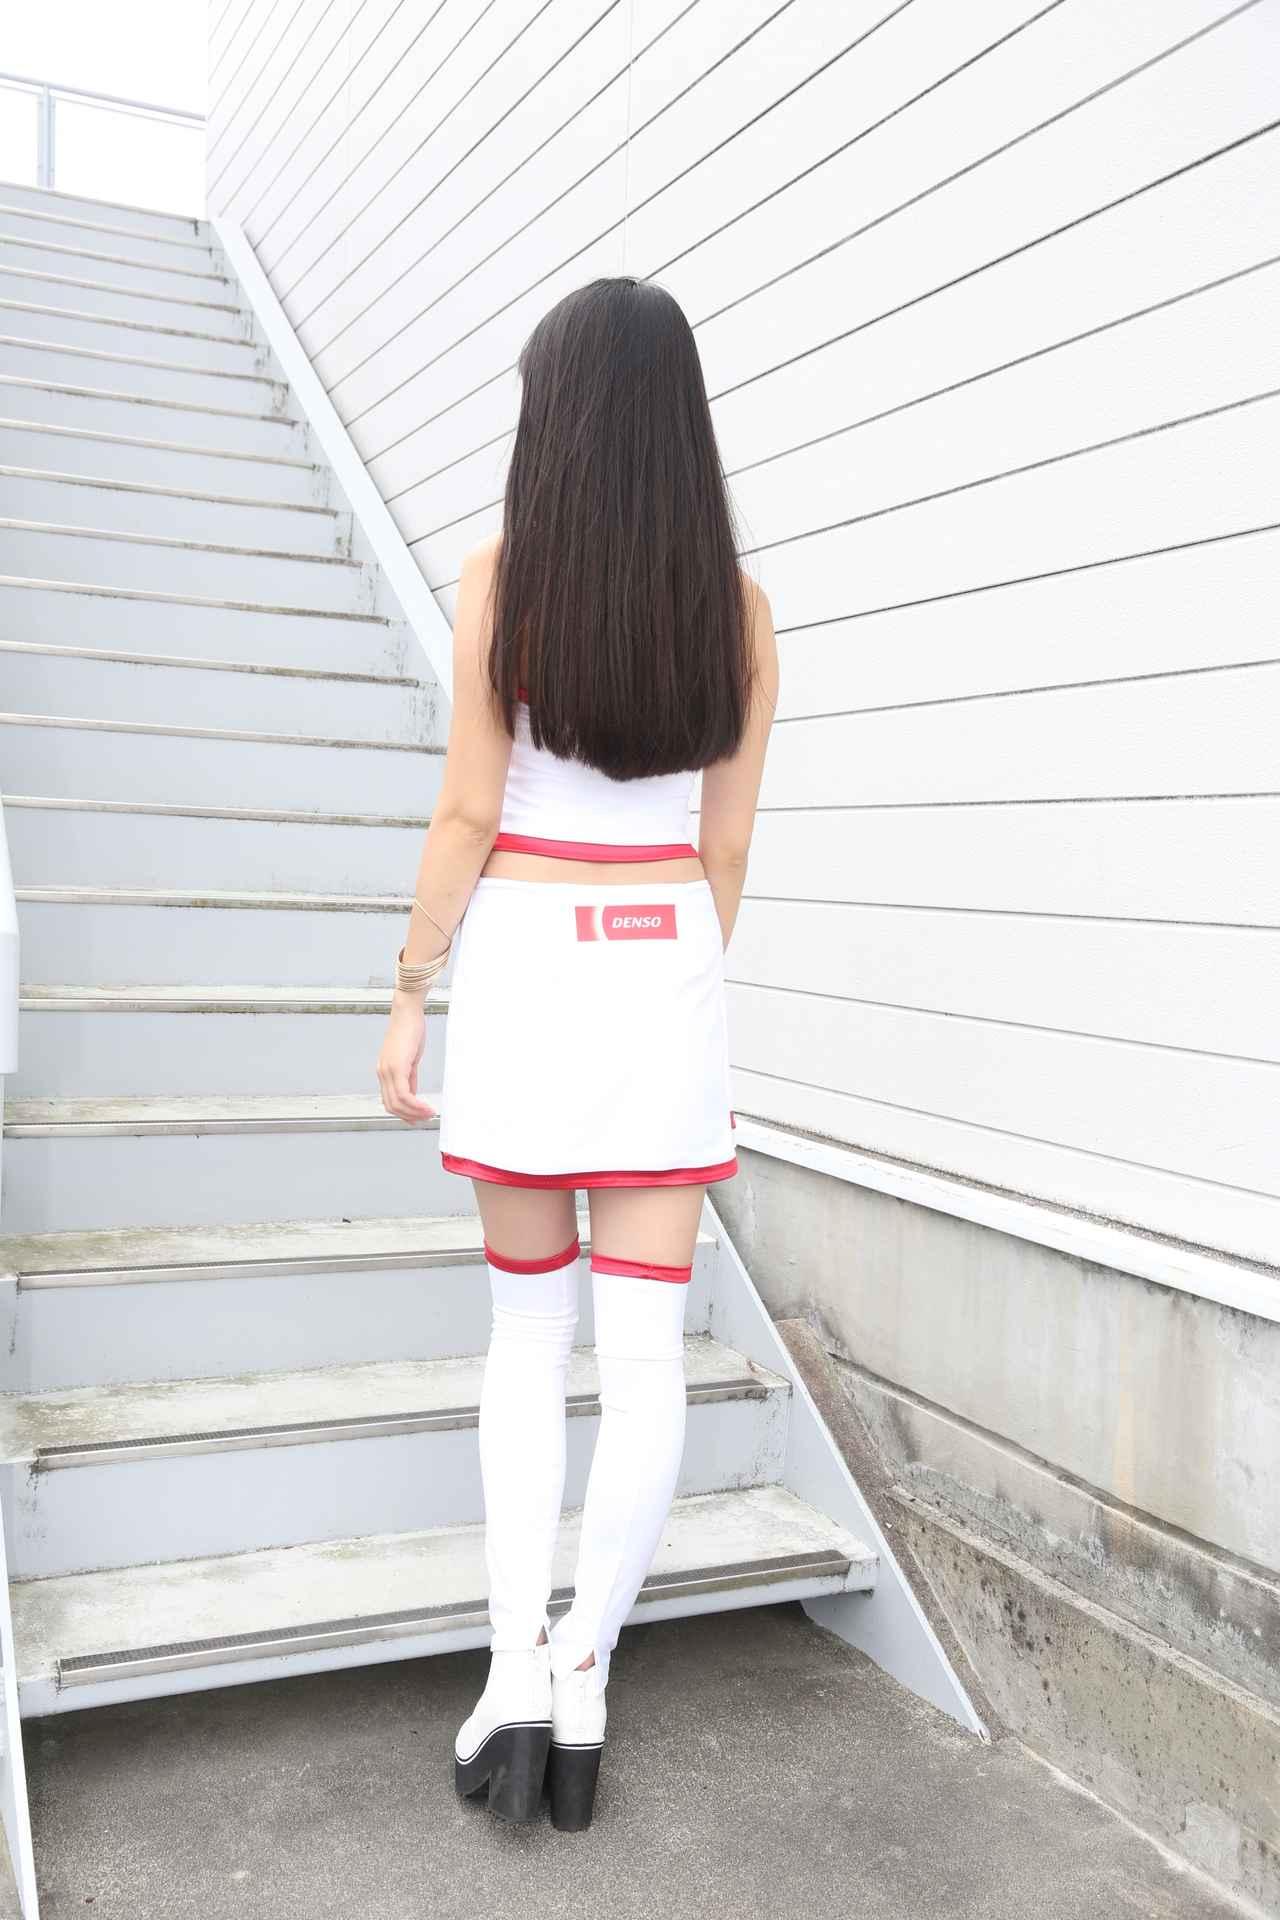 画像5: DENSO鈴鹿8耐レースクィーンは荒井つかさ さん!